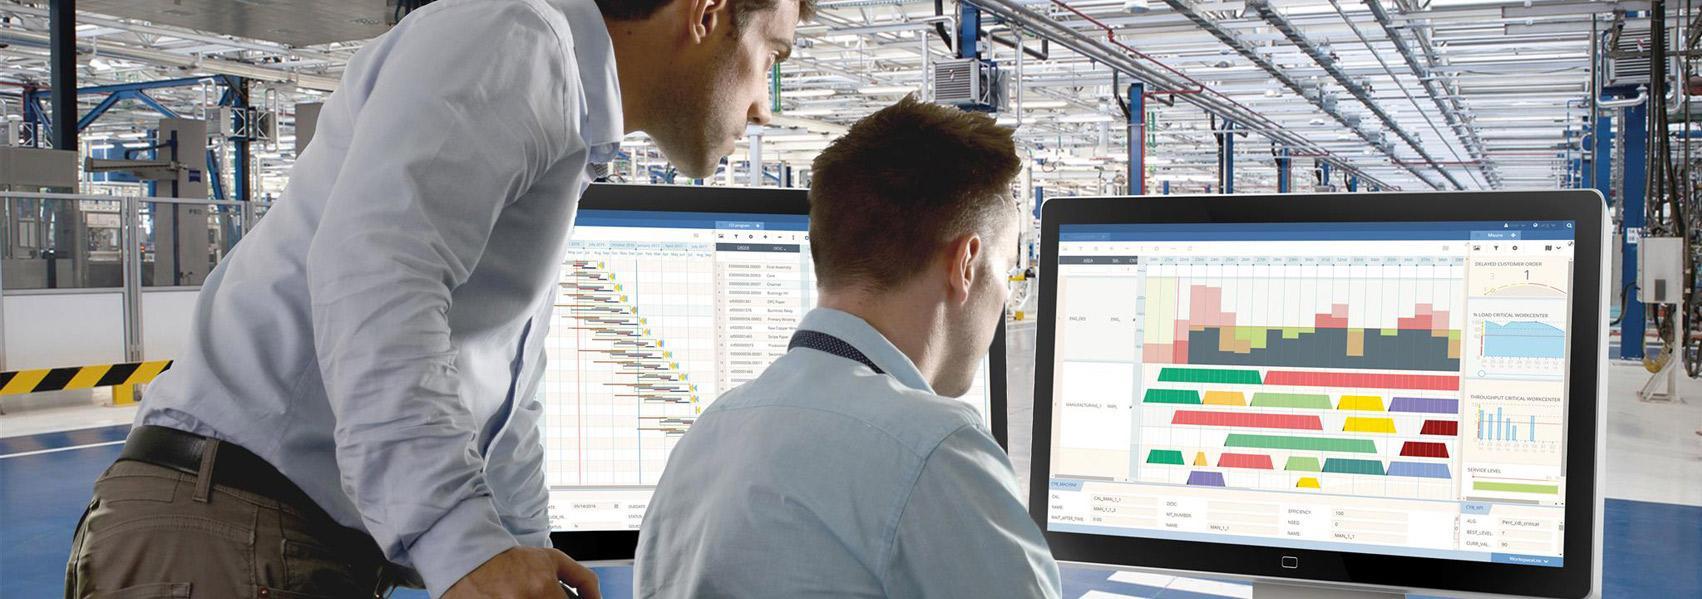 Recensioni CyberPlan: Software di pianificazione e schedulazione della produzione - Appvizer